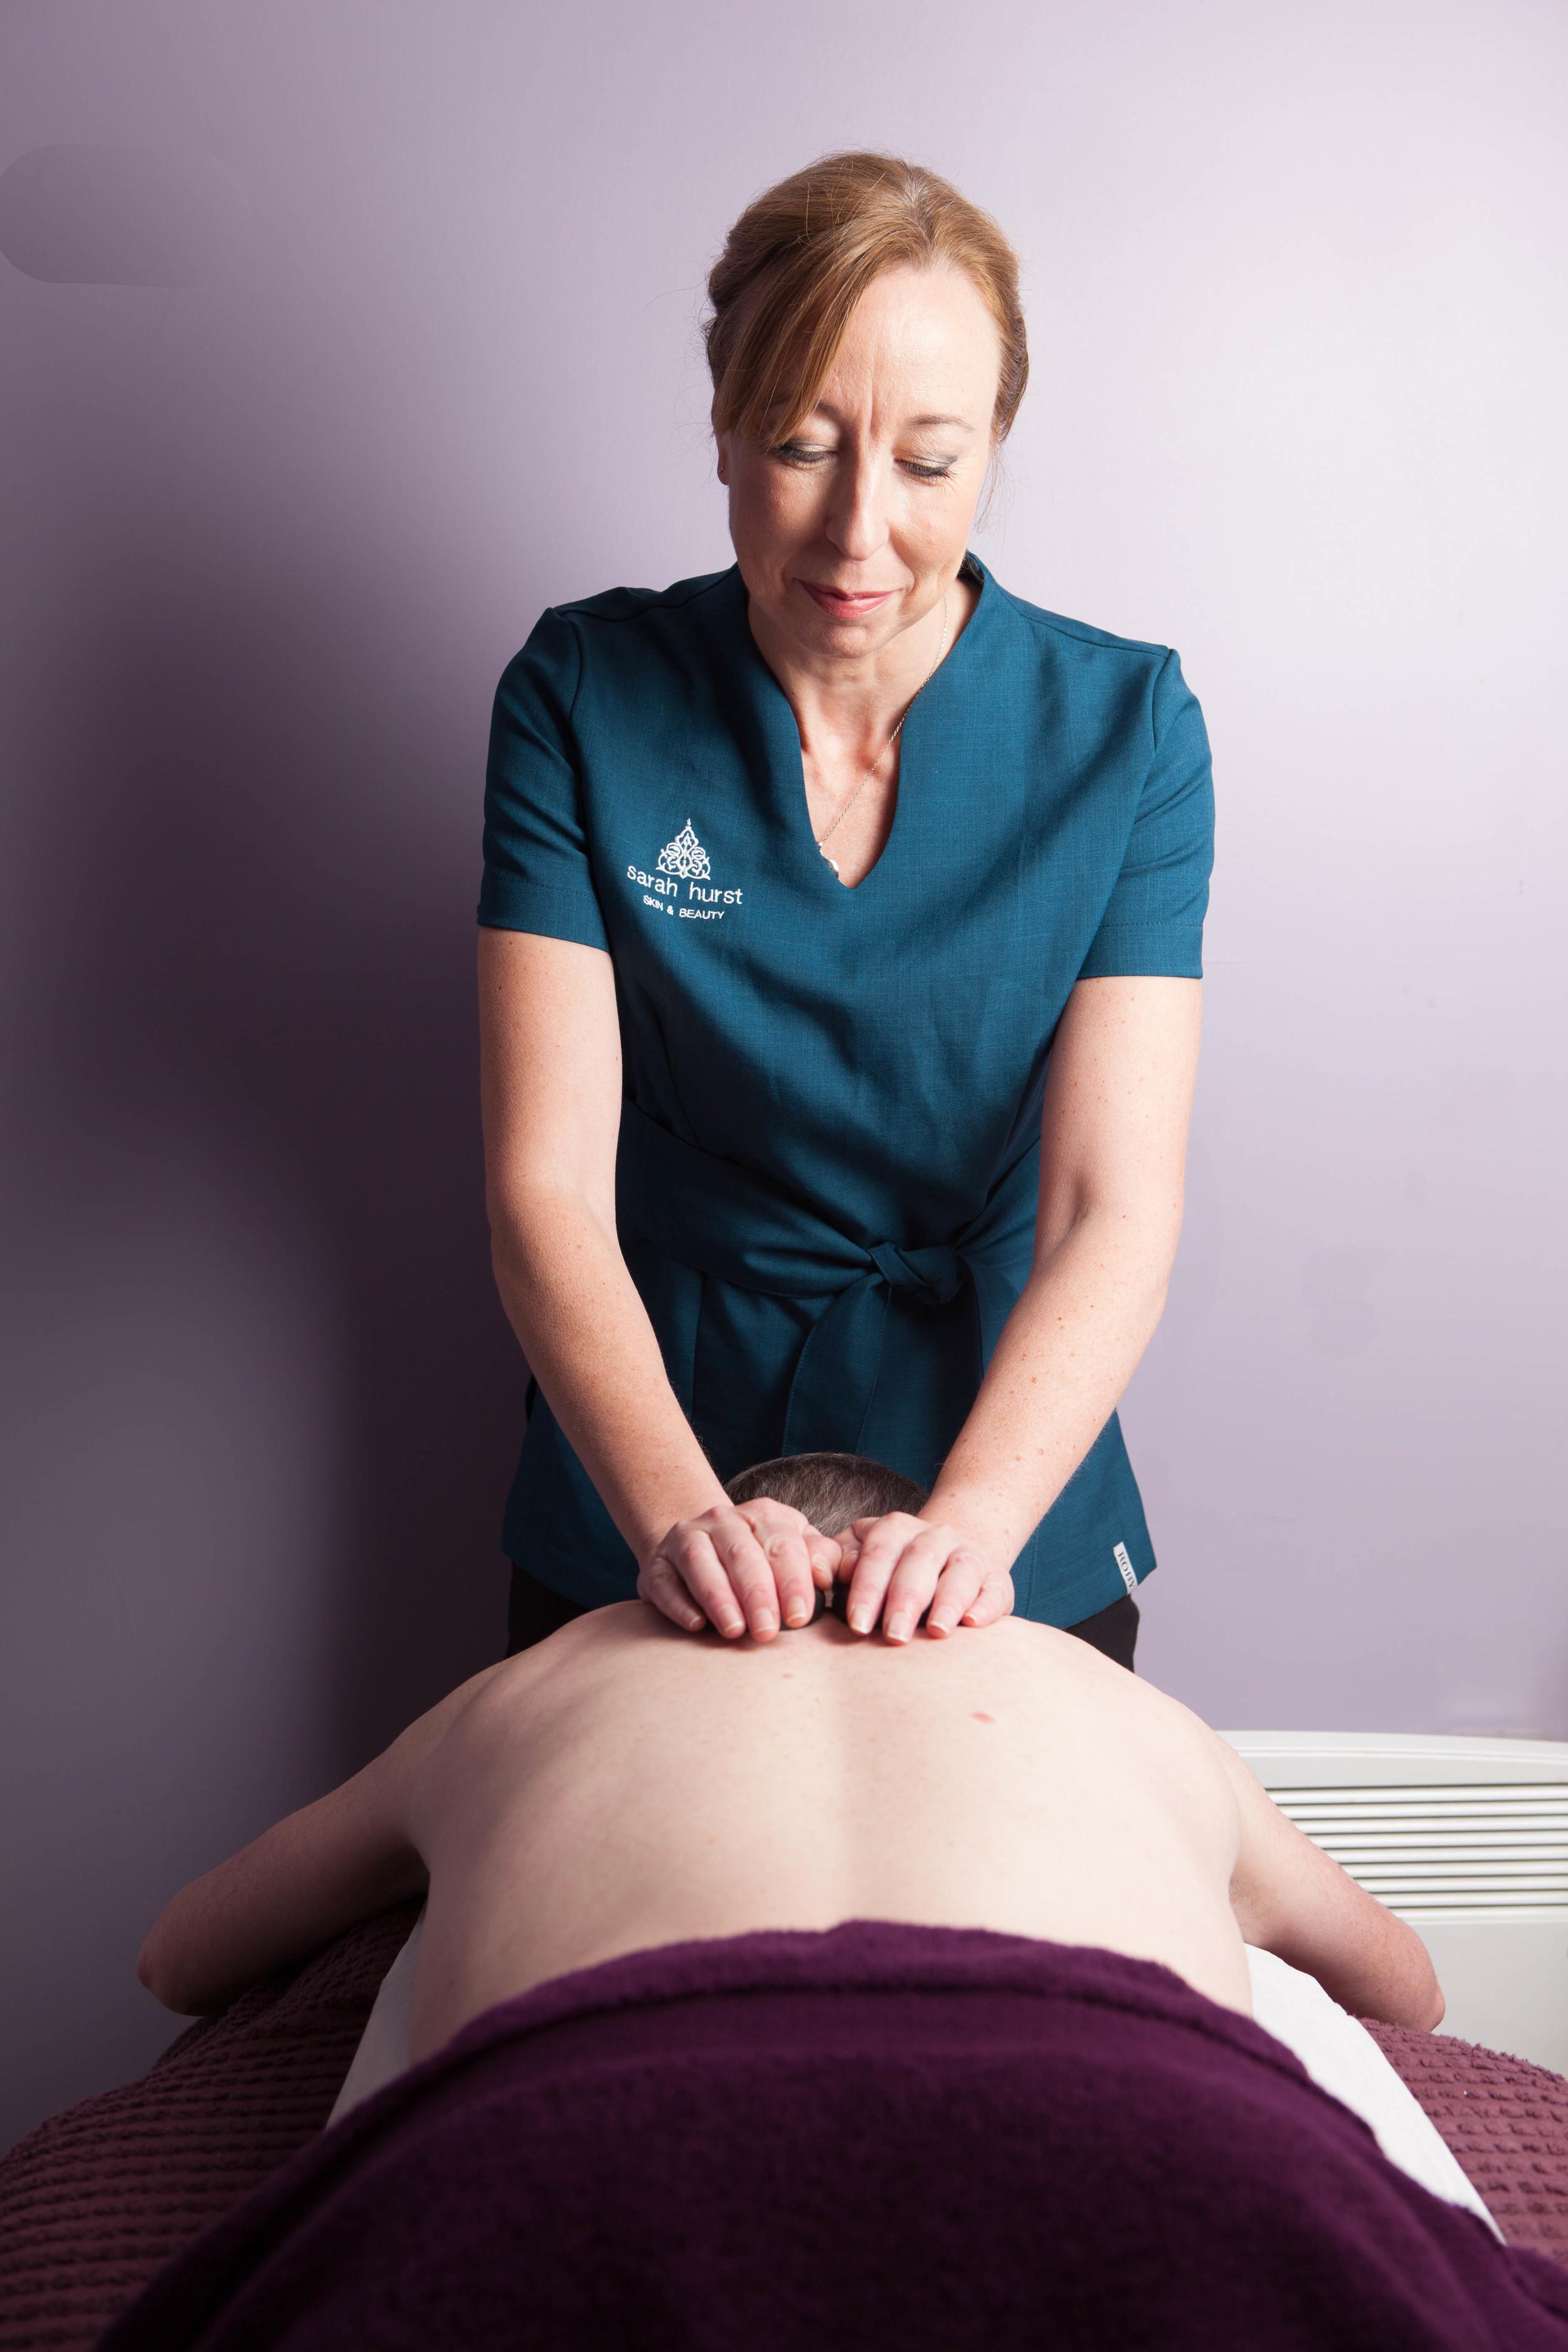 Sarah Hurst treatment.jpg